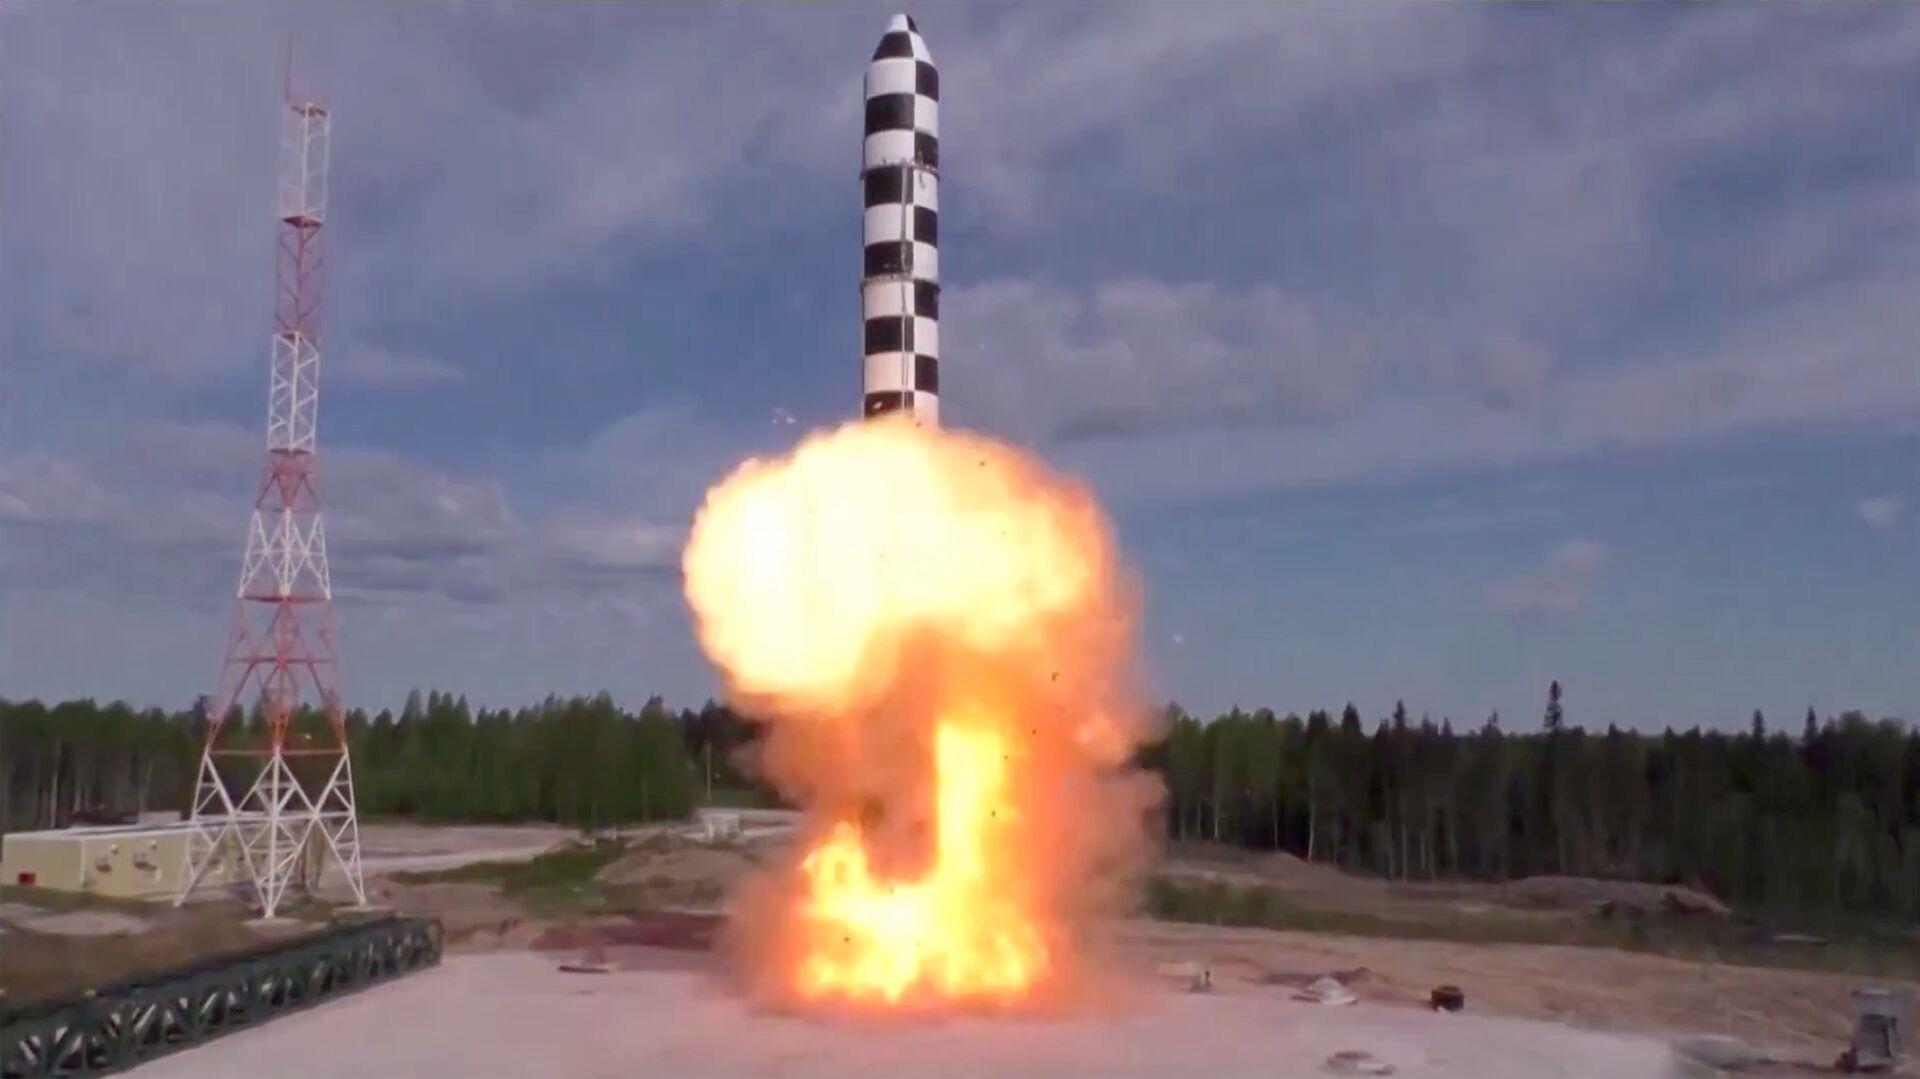 Испытание новой баллистической ракеты Сармат - РИА Новости, 1920, 21.05.2020